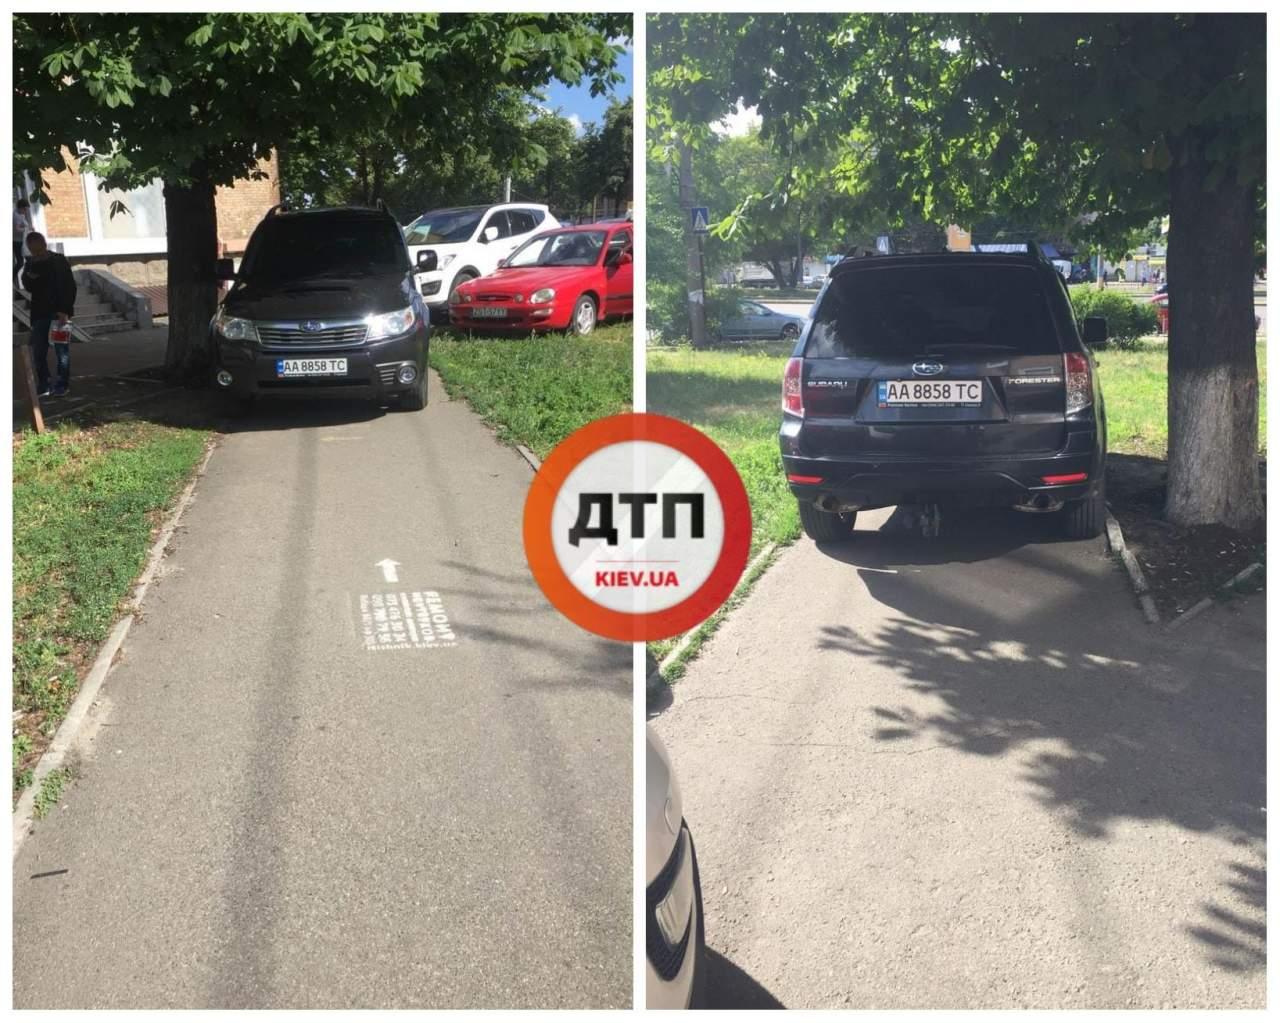 В Киеве владелец внедорожника припарковал свой автомобиль прямо на тротуаре (фото)